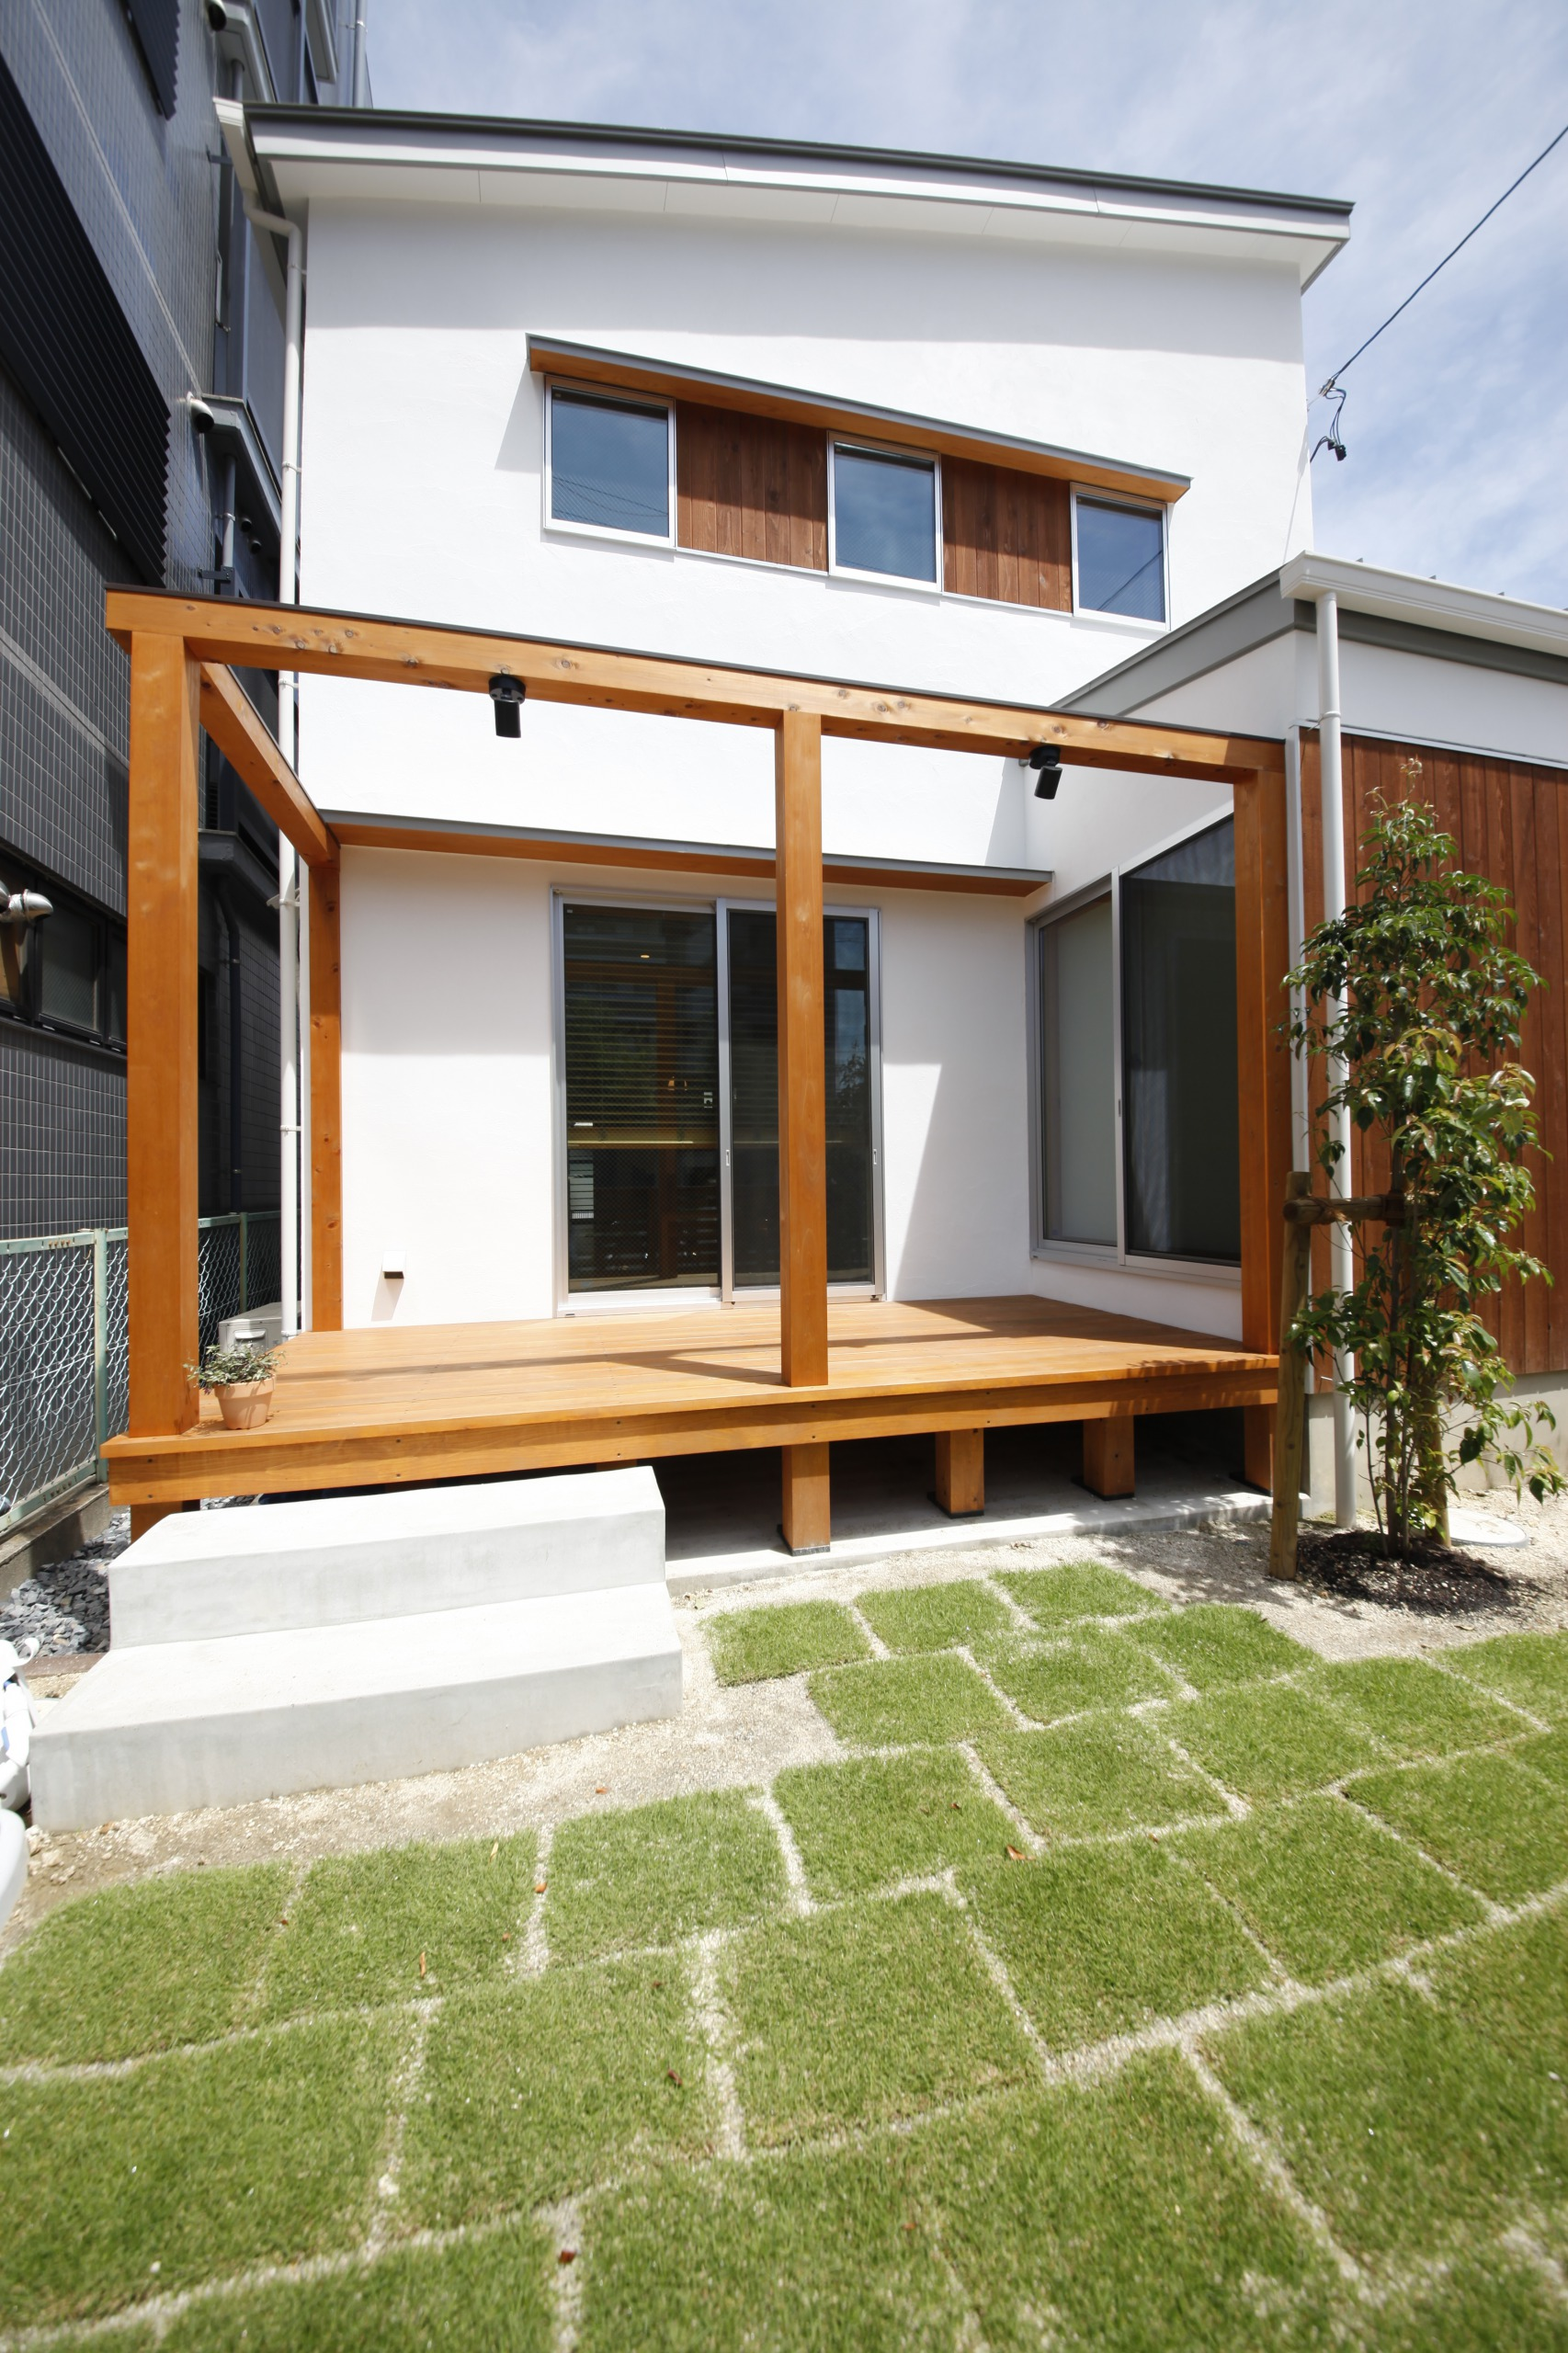 アトリエプラス【デザイン住宅、子育て、自然素材】真っ白な漆喰の外壁は年月ともに味わい深くなる